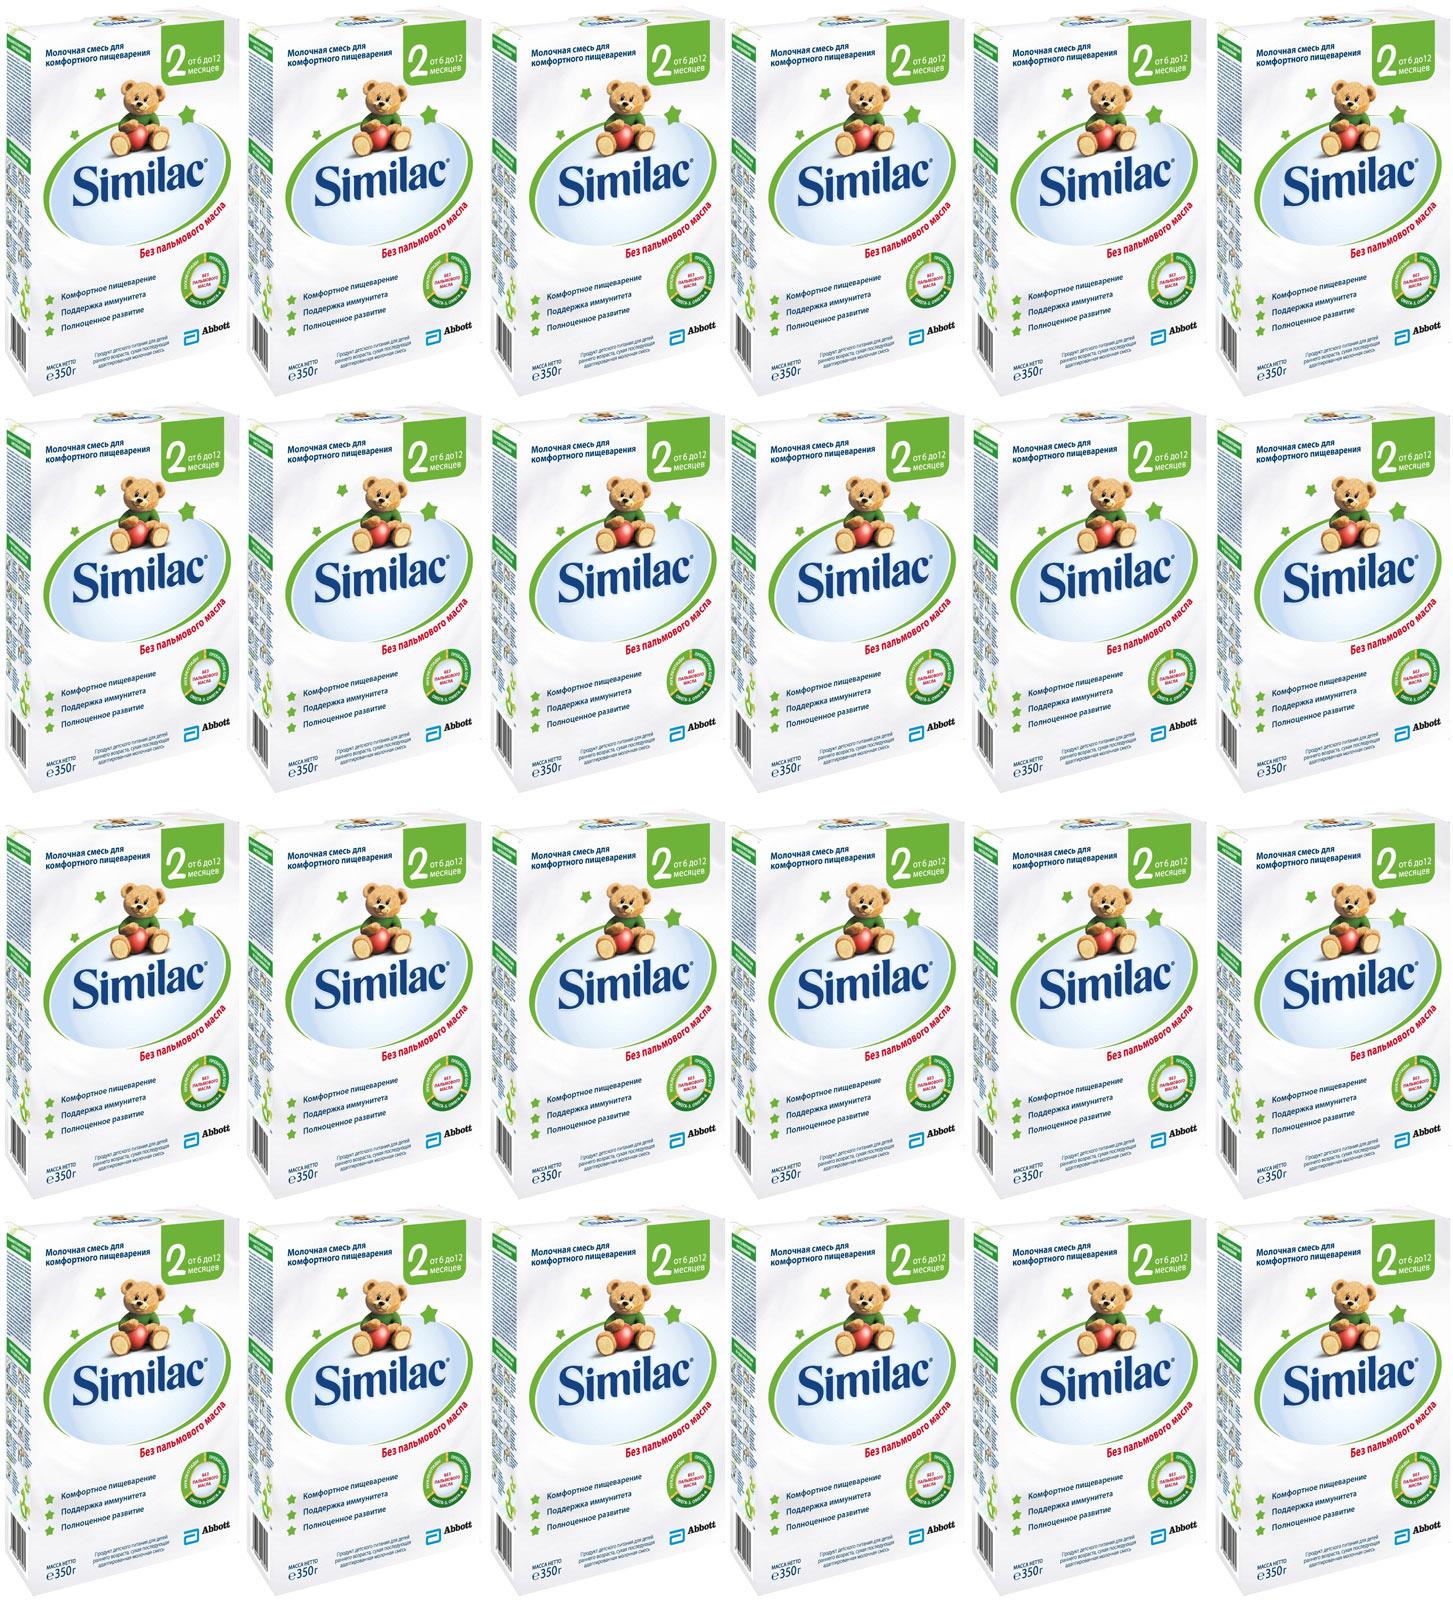 Смесь Similac 2, молочная, с 6 до 12 месяцев, 24 шт по 350 г nestogen 2 смесь молочная с 6 месяцев 700 г